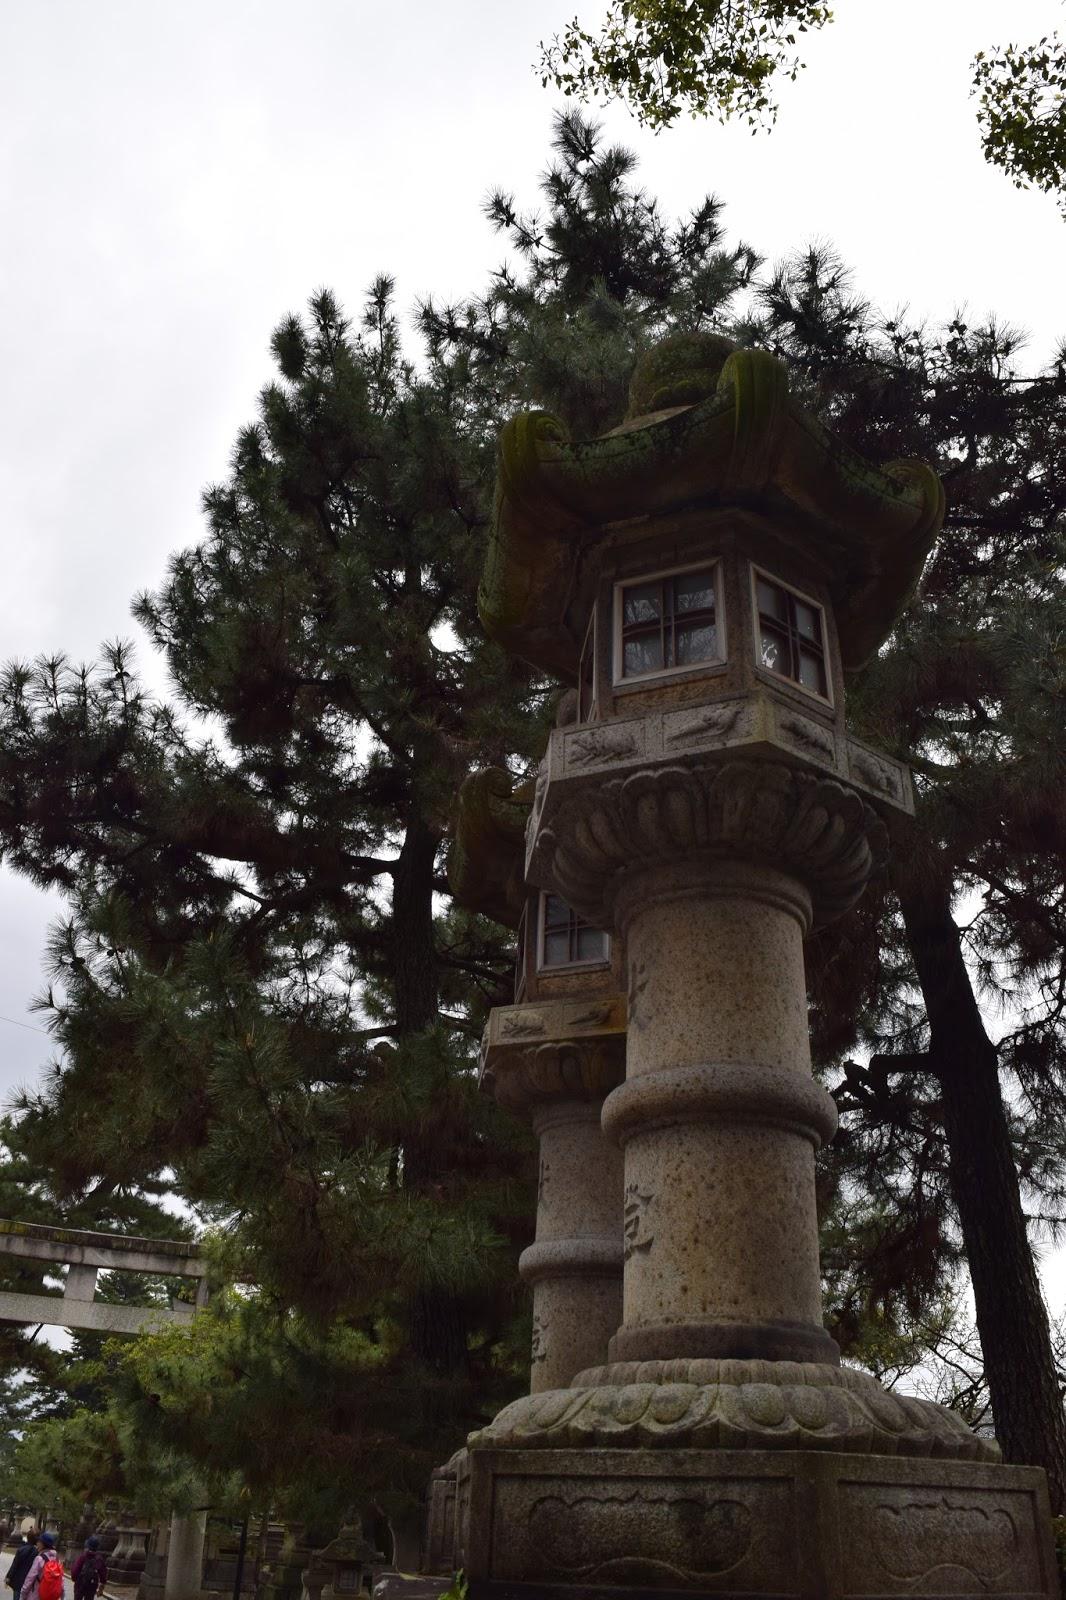 Kitano Tenmangu lanterns